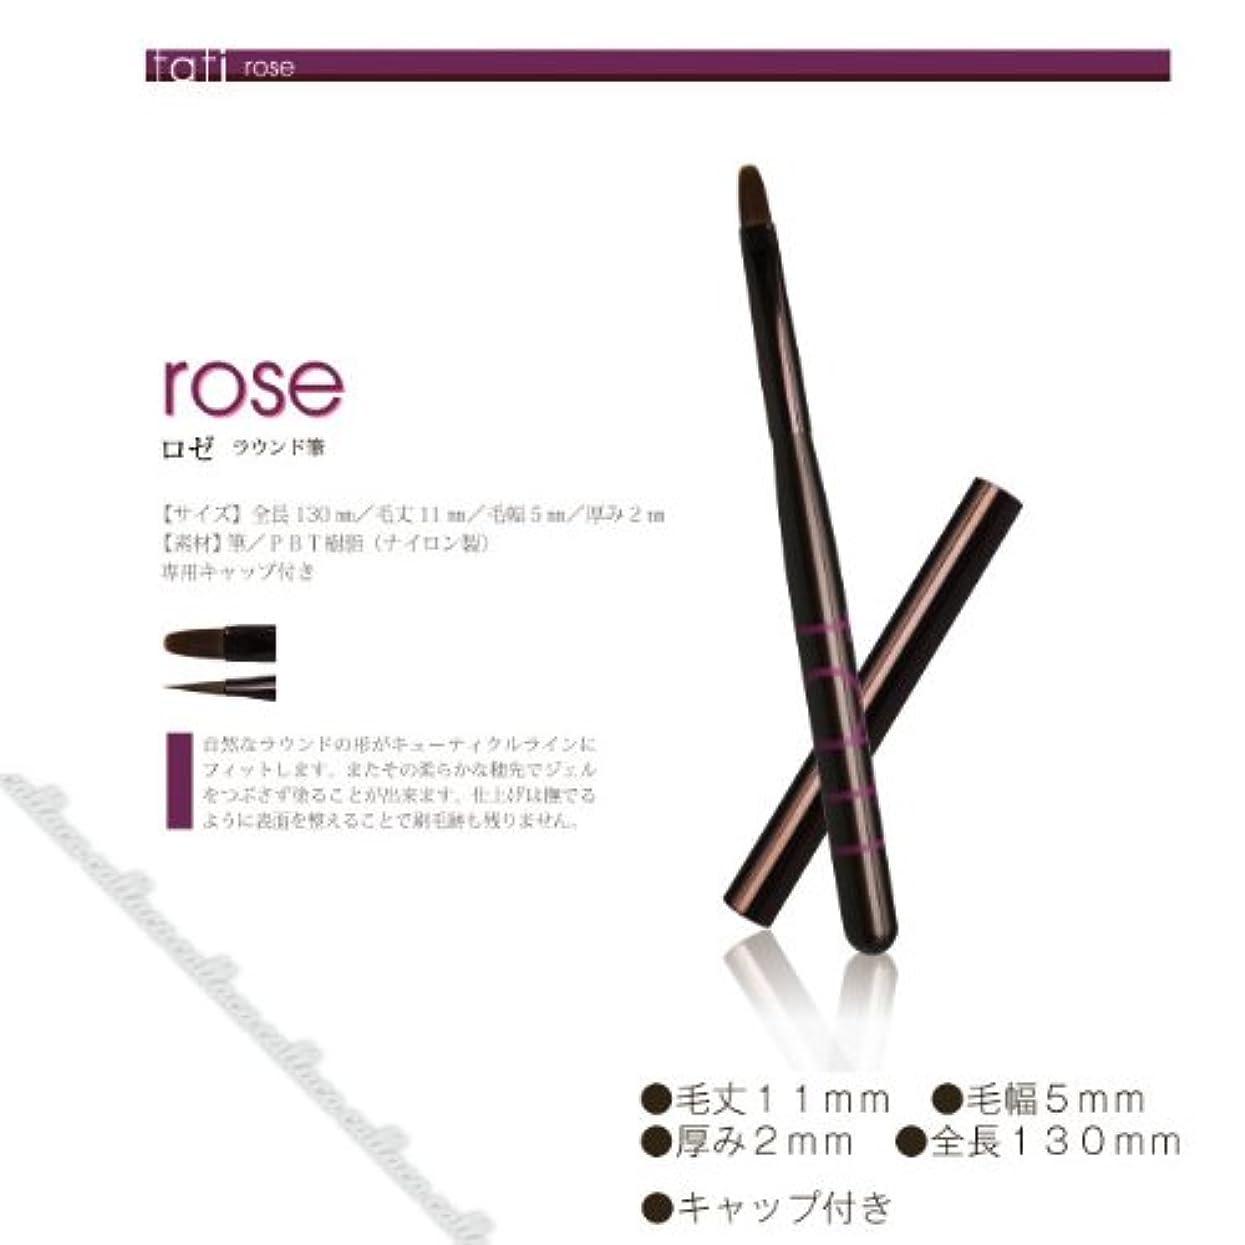 軌道収束突撃tati ジェル ブラシアートショコラ rose (ロゼ)